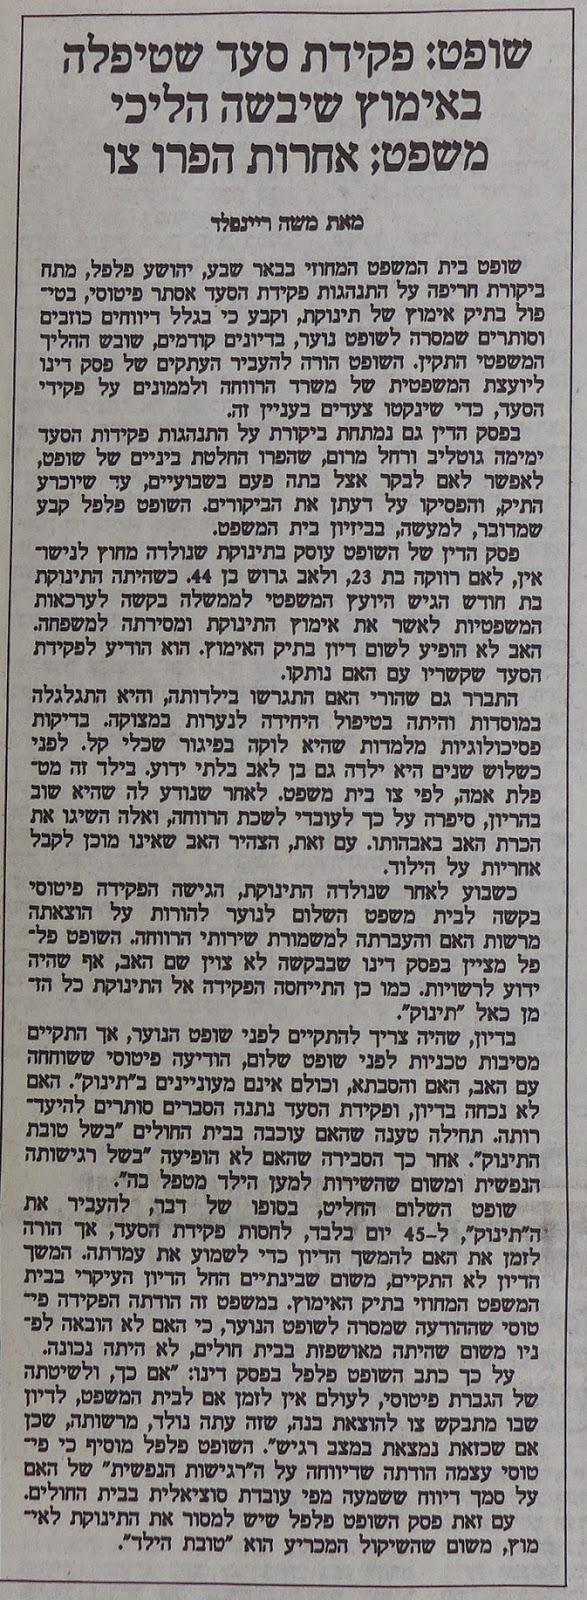 שופט: פקידת סעד שטיפלה באימוץ שיבשה הליכי משפט, אחרות הפרו צו - הארץ, מאת משה ריינפלד 13.9.1995